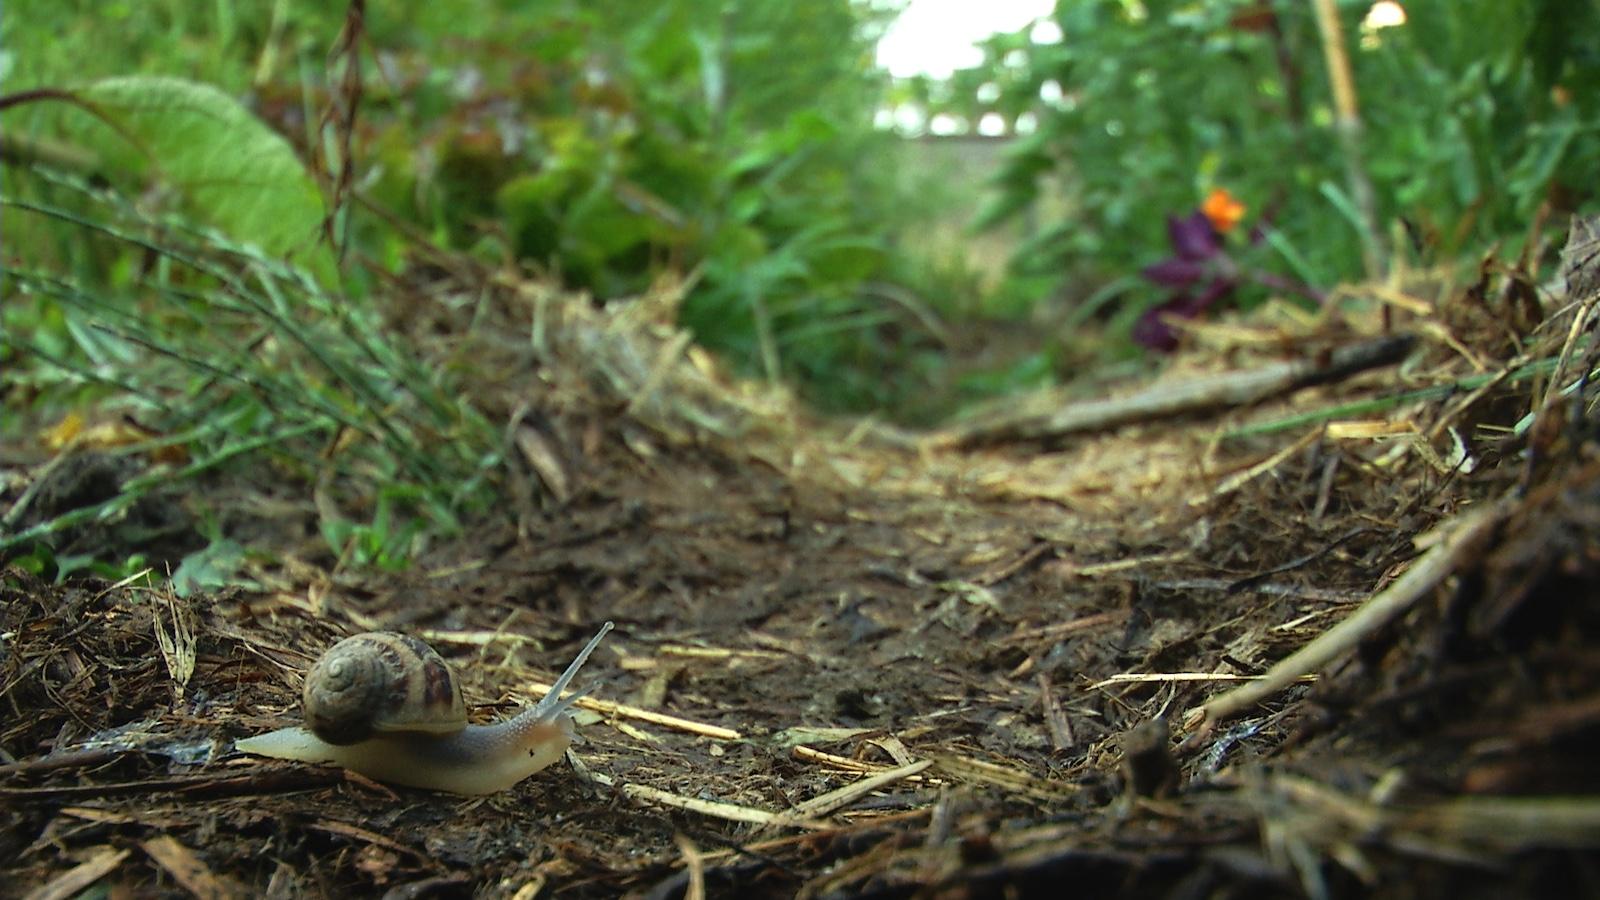 Escargot après l'averse de printemps au jardin familial du Haut-Vernet. Image du film Le temps du jardin, réalisé et produit par Olivier Moulaï, résidence Occit'Avenir au Lycée Maillol Perpignan